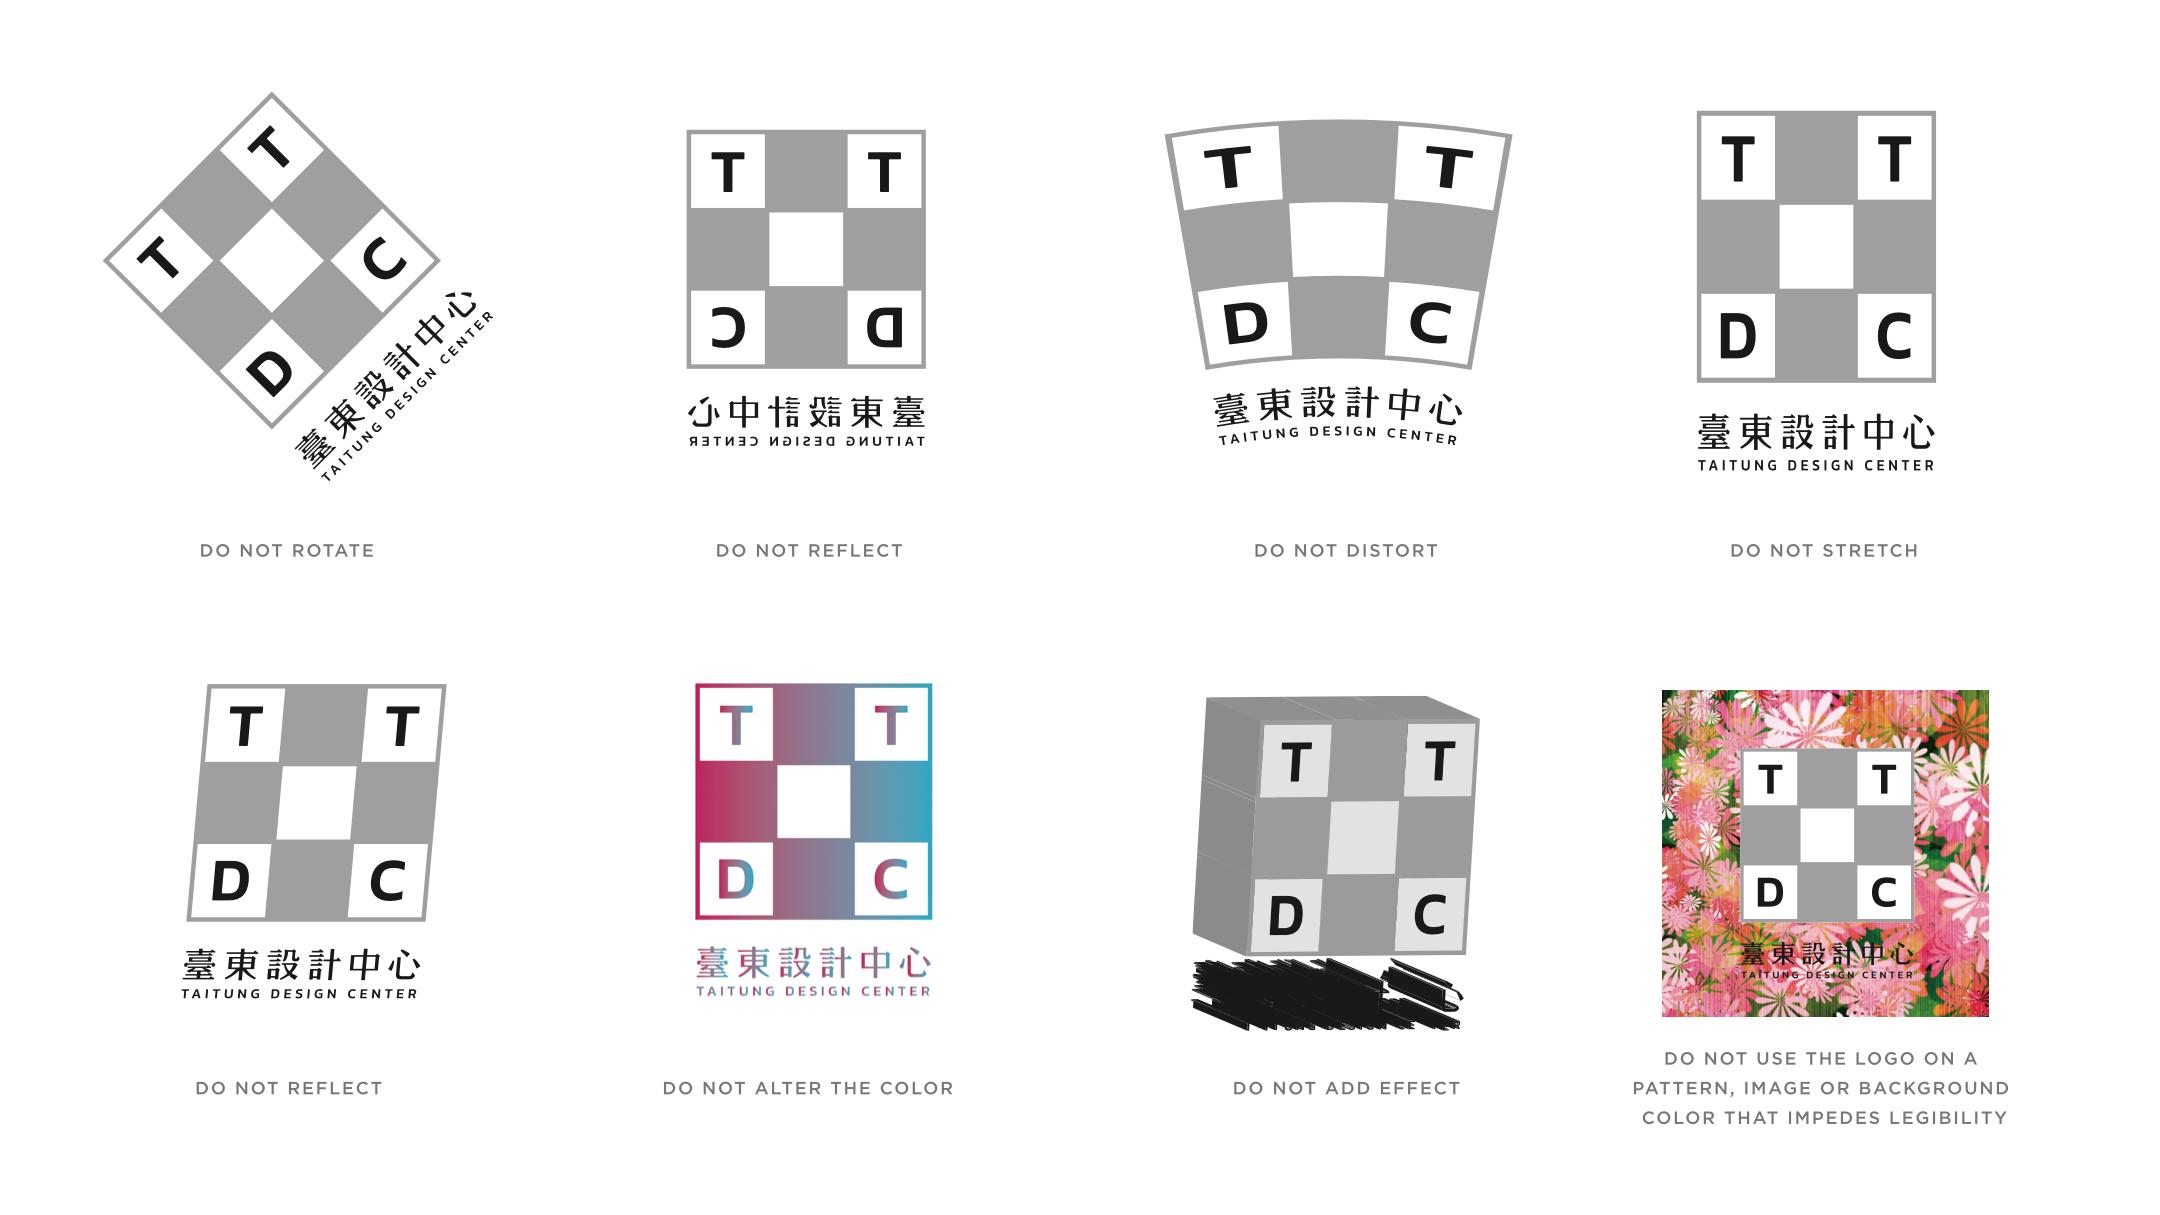 品牌標誌設計規範・臺東設計中心 Taitung Design Center